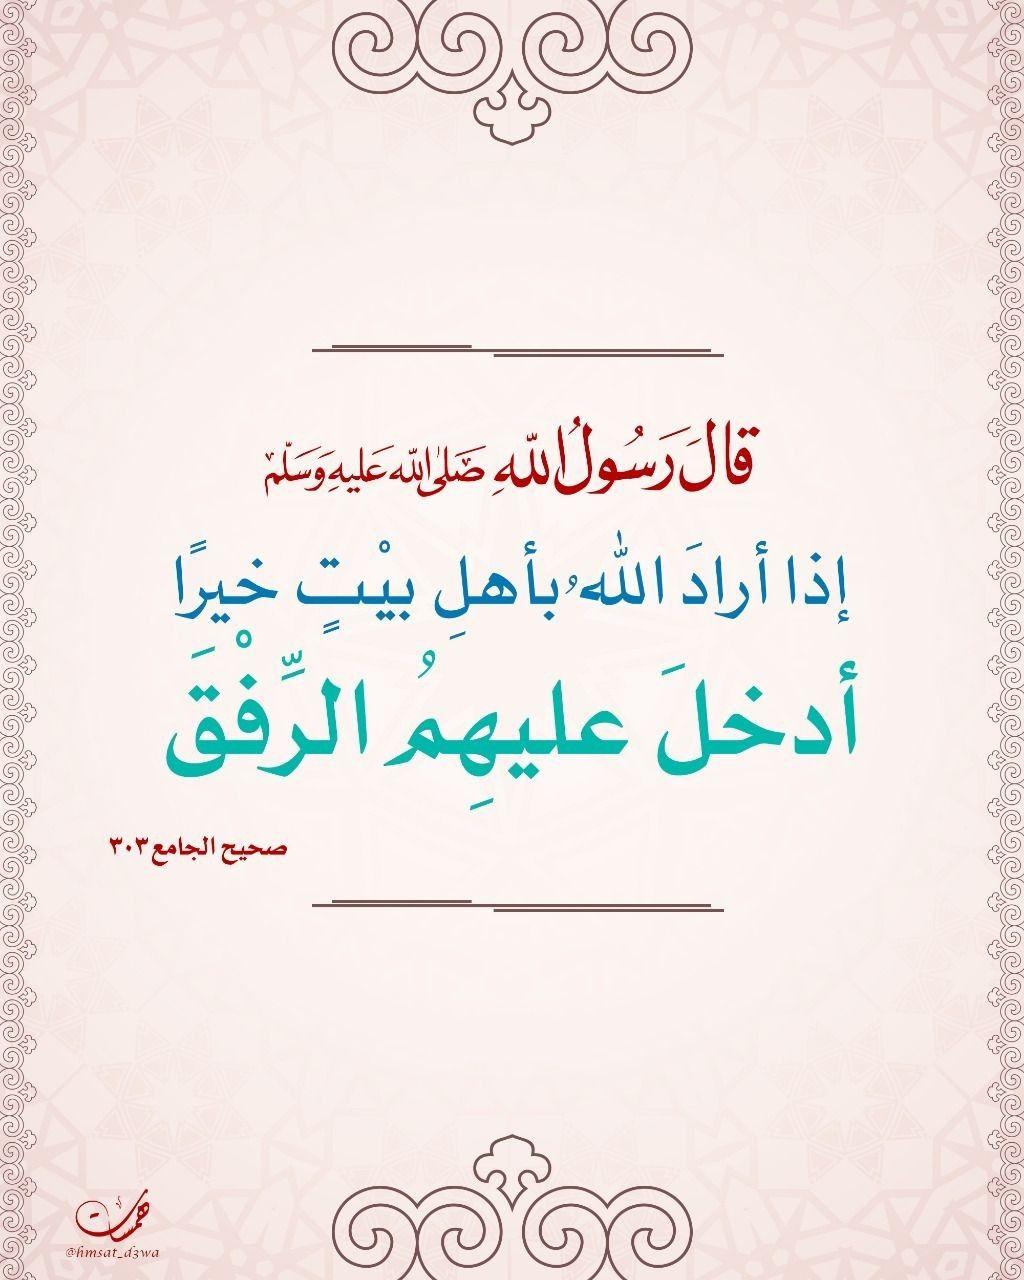 الرفق Words Arabic Calligraphy School